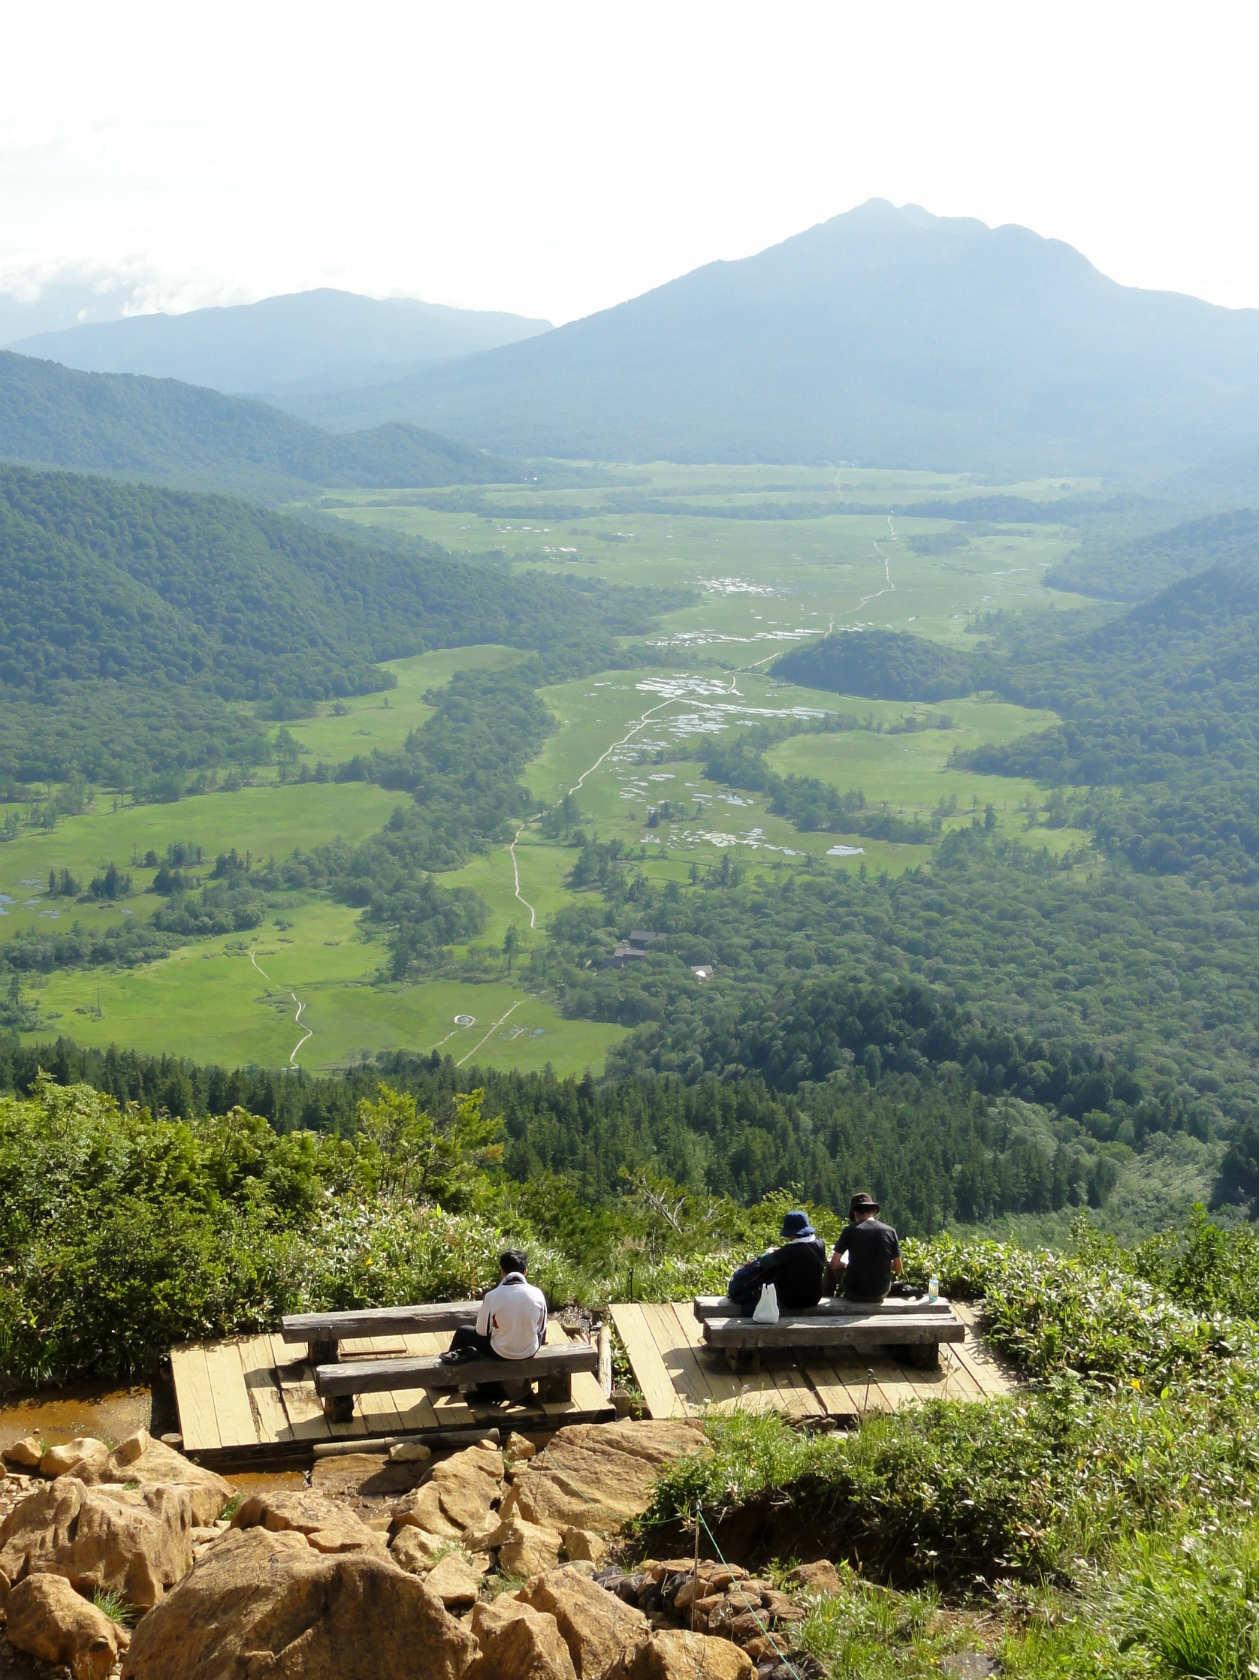 至仏山中腹の休憩場所からの尾瀬ヶ原と燧ヶ岳